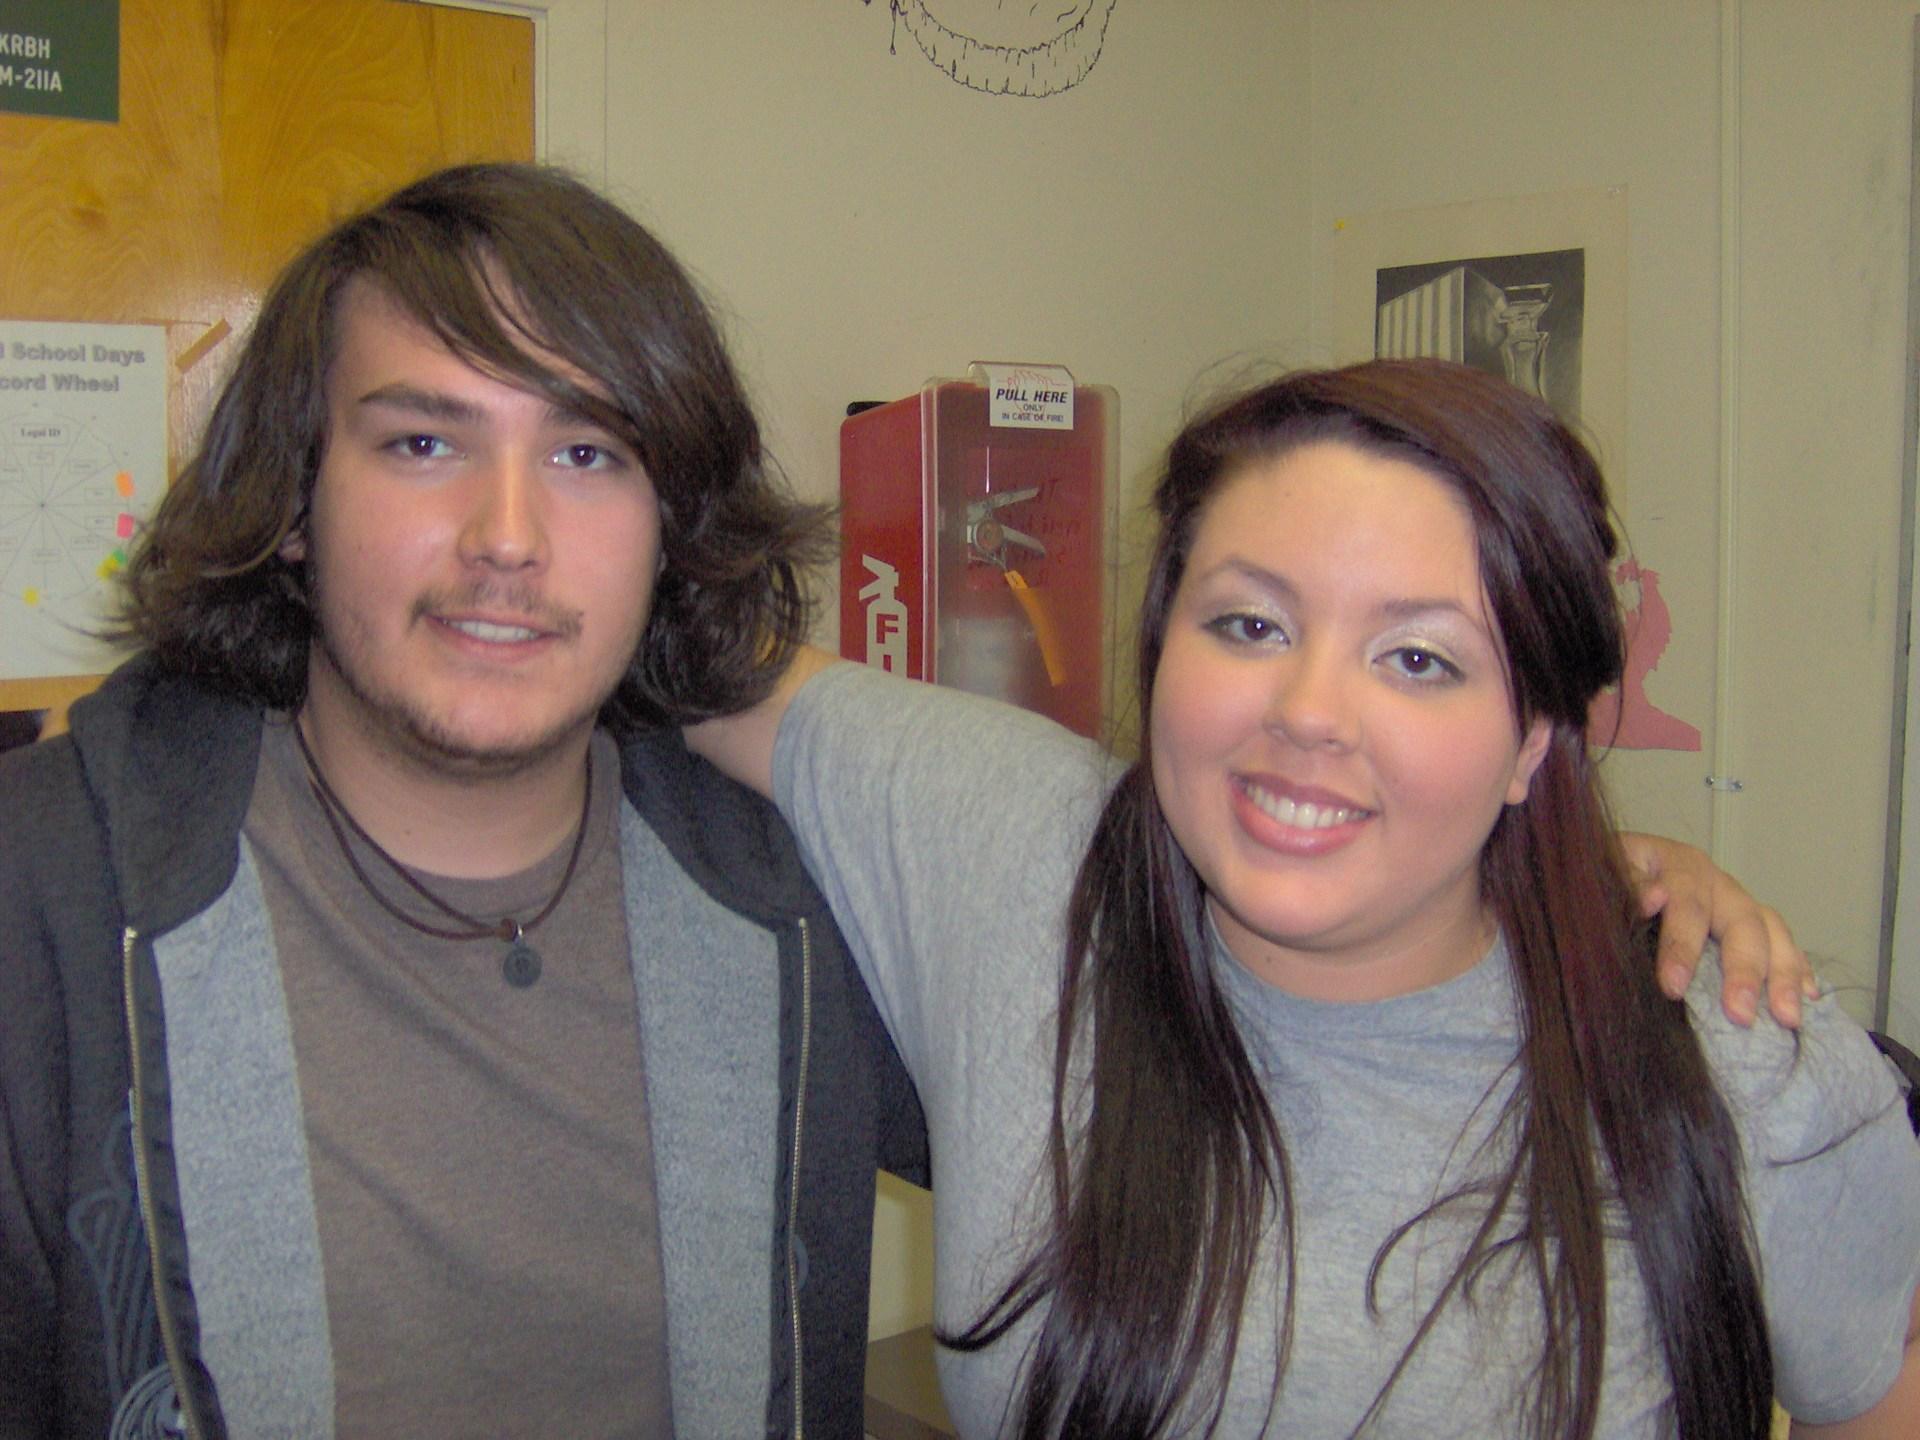 Anthony and Ashley